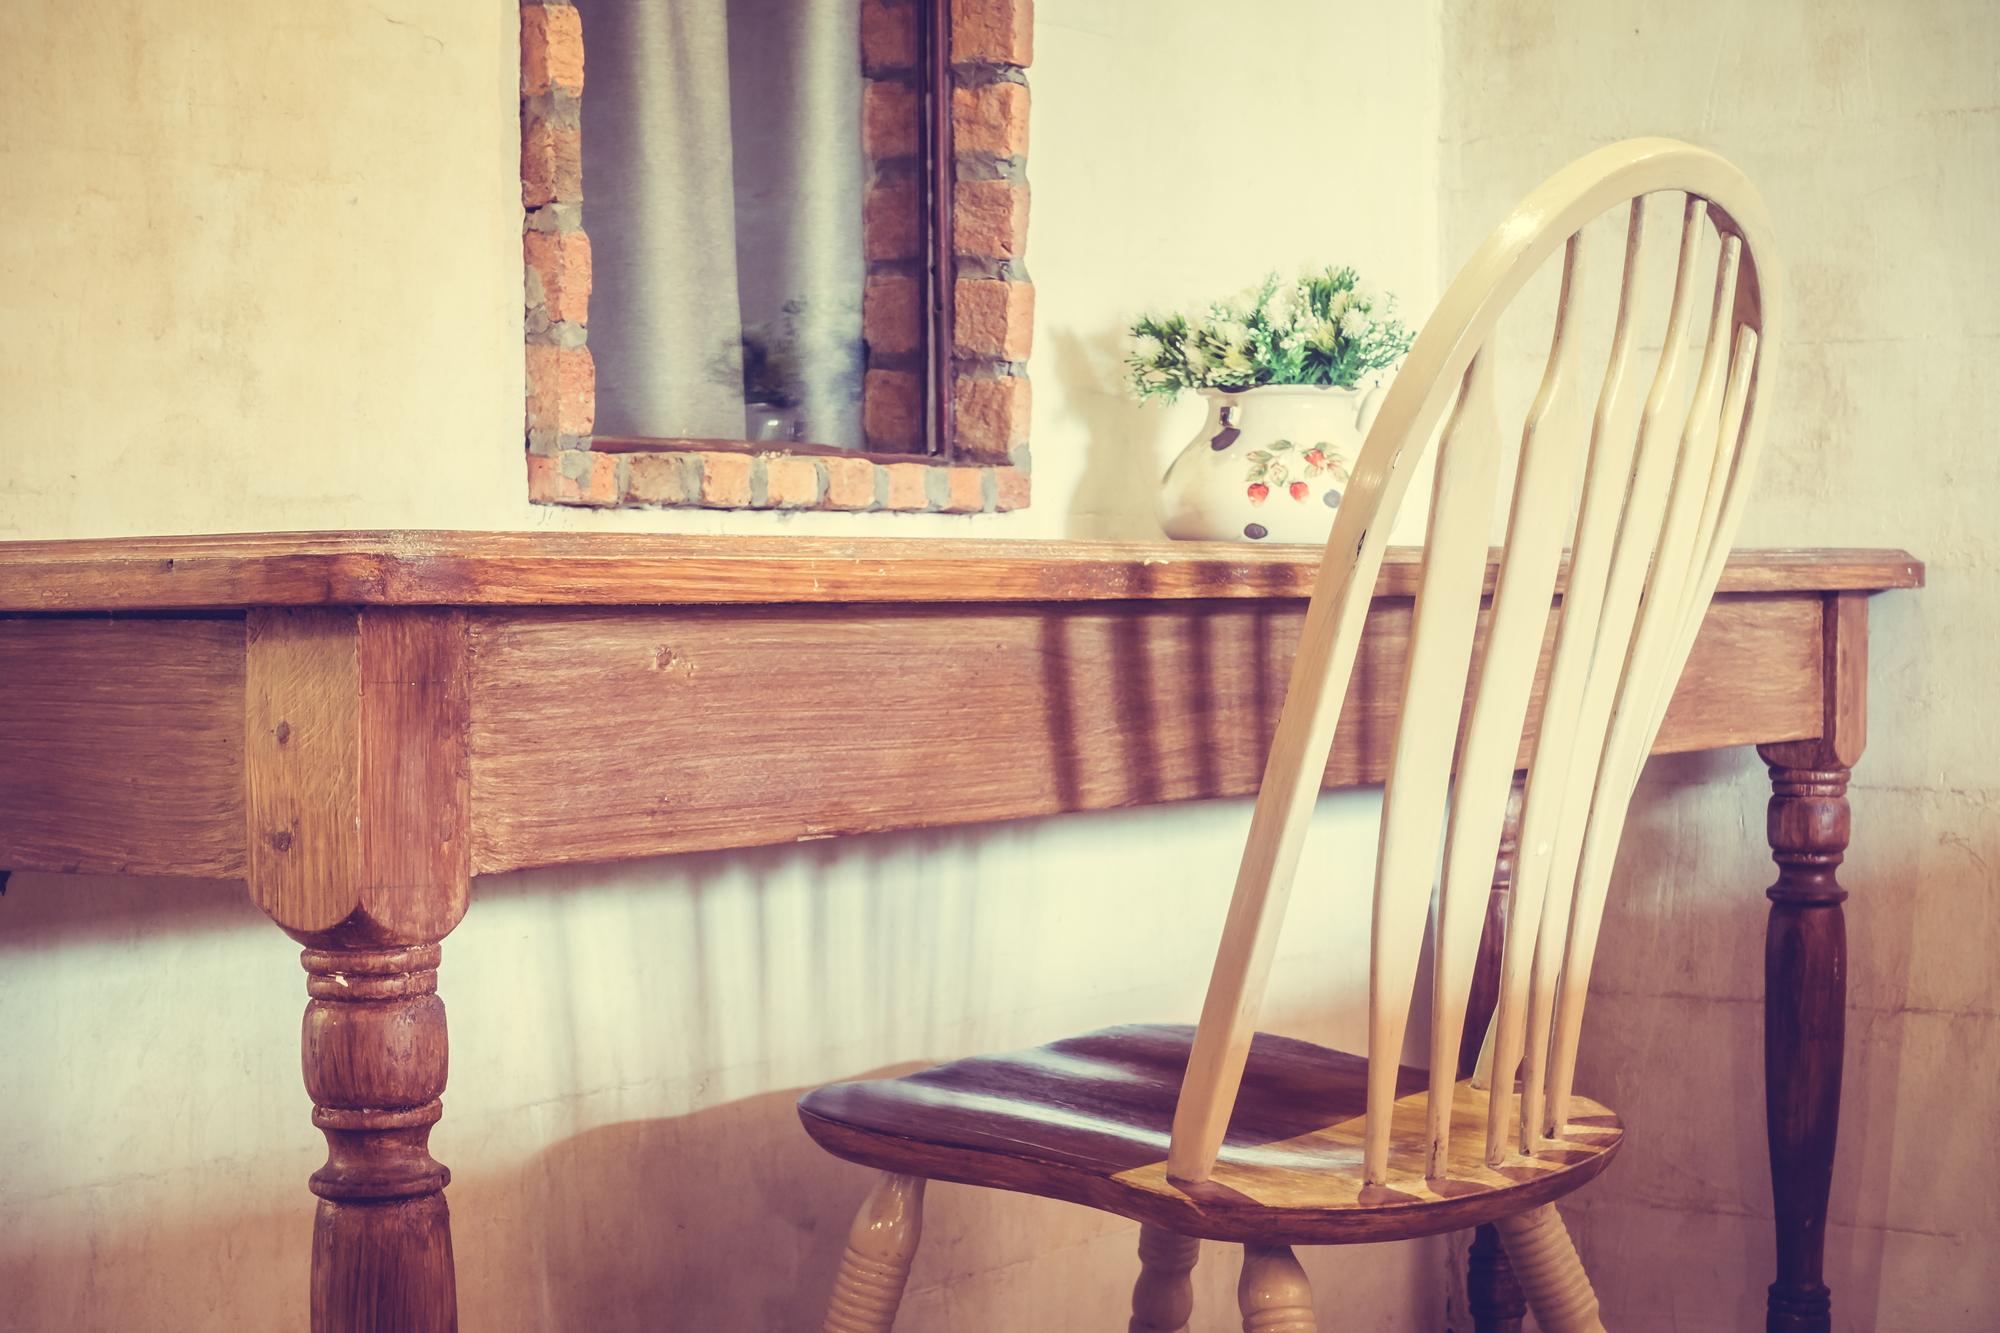 decocración muebles rústicos y vintage